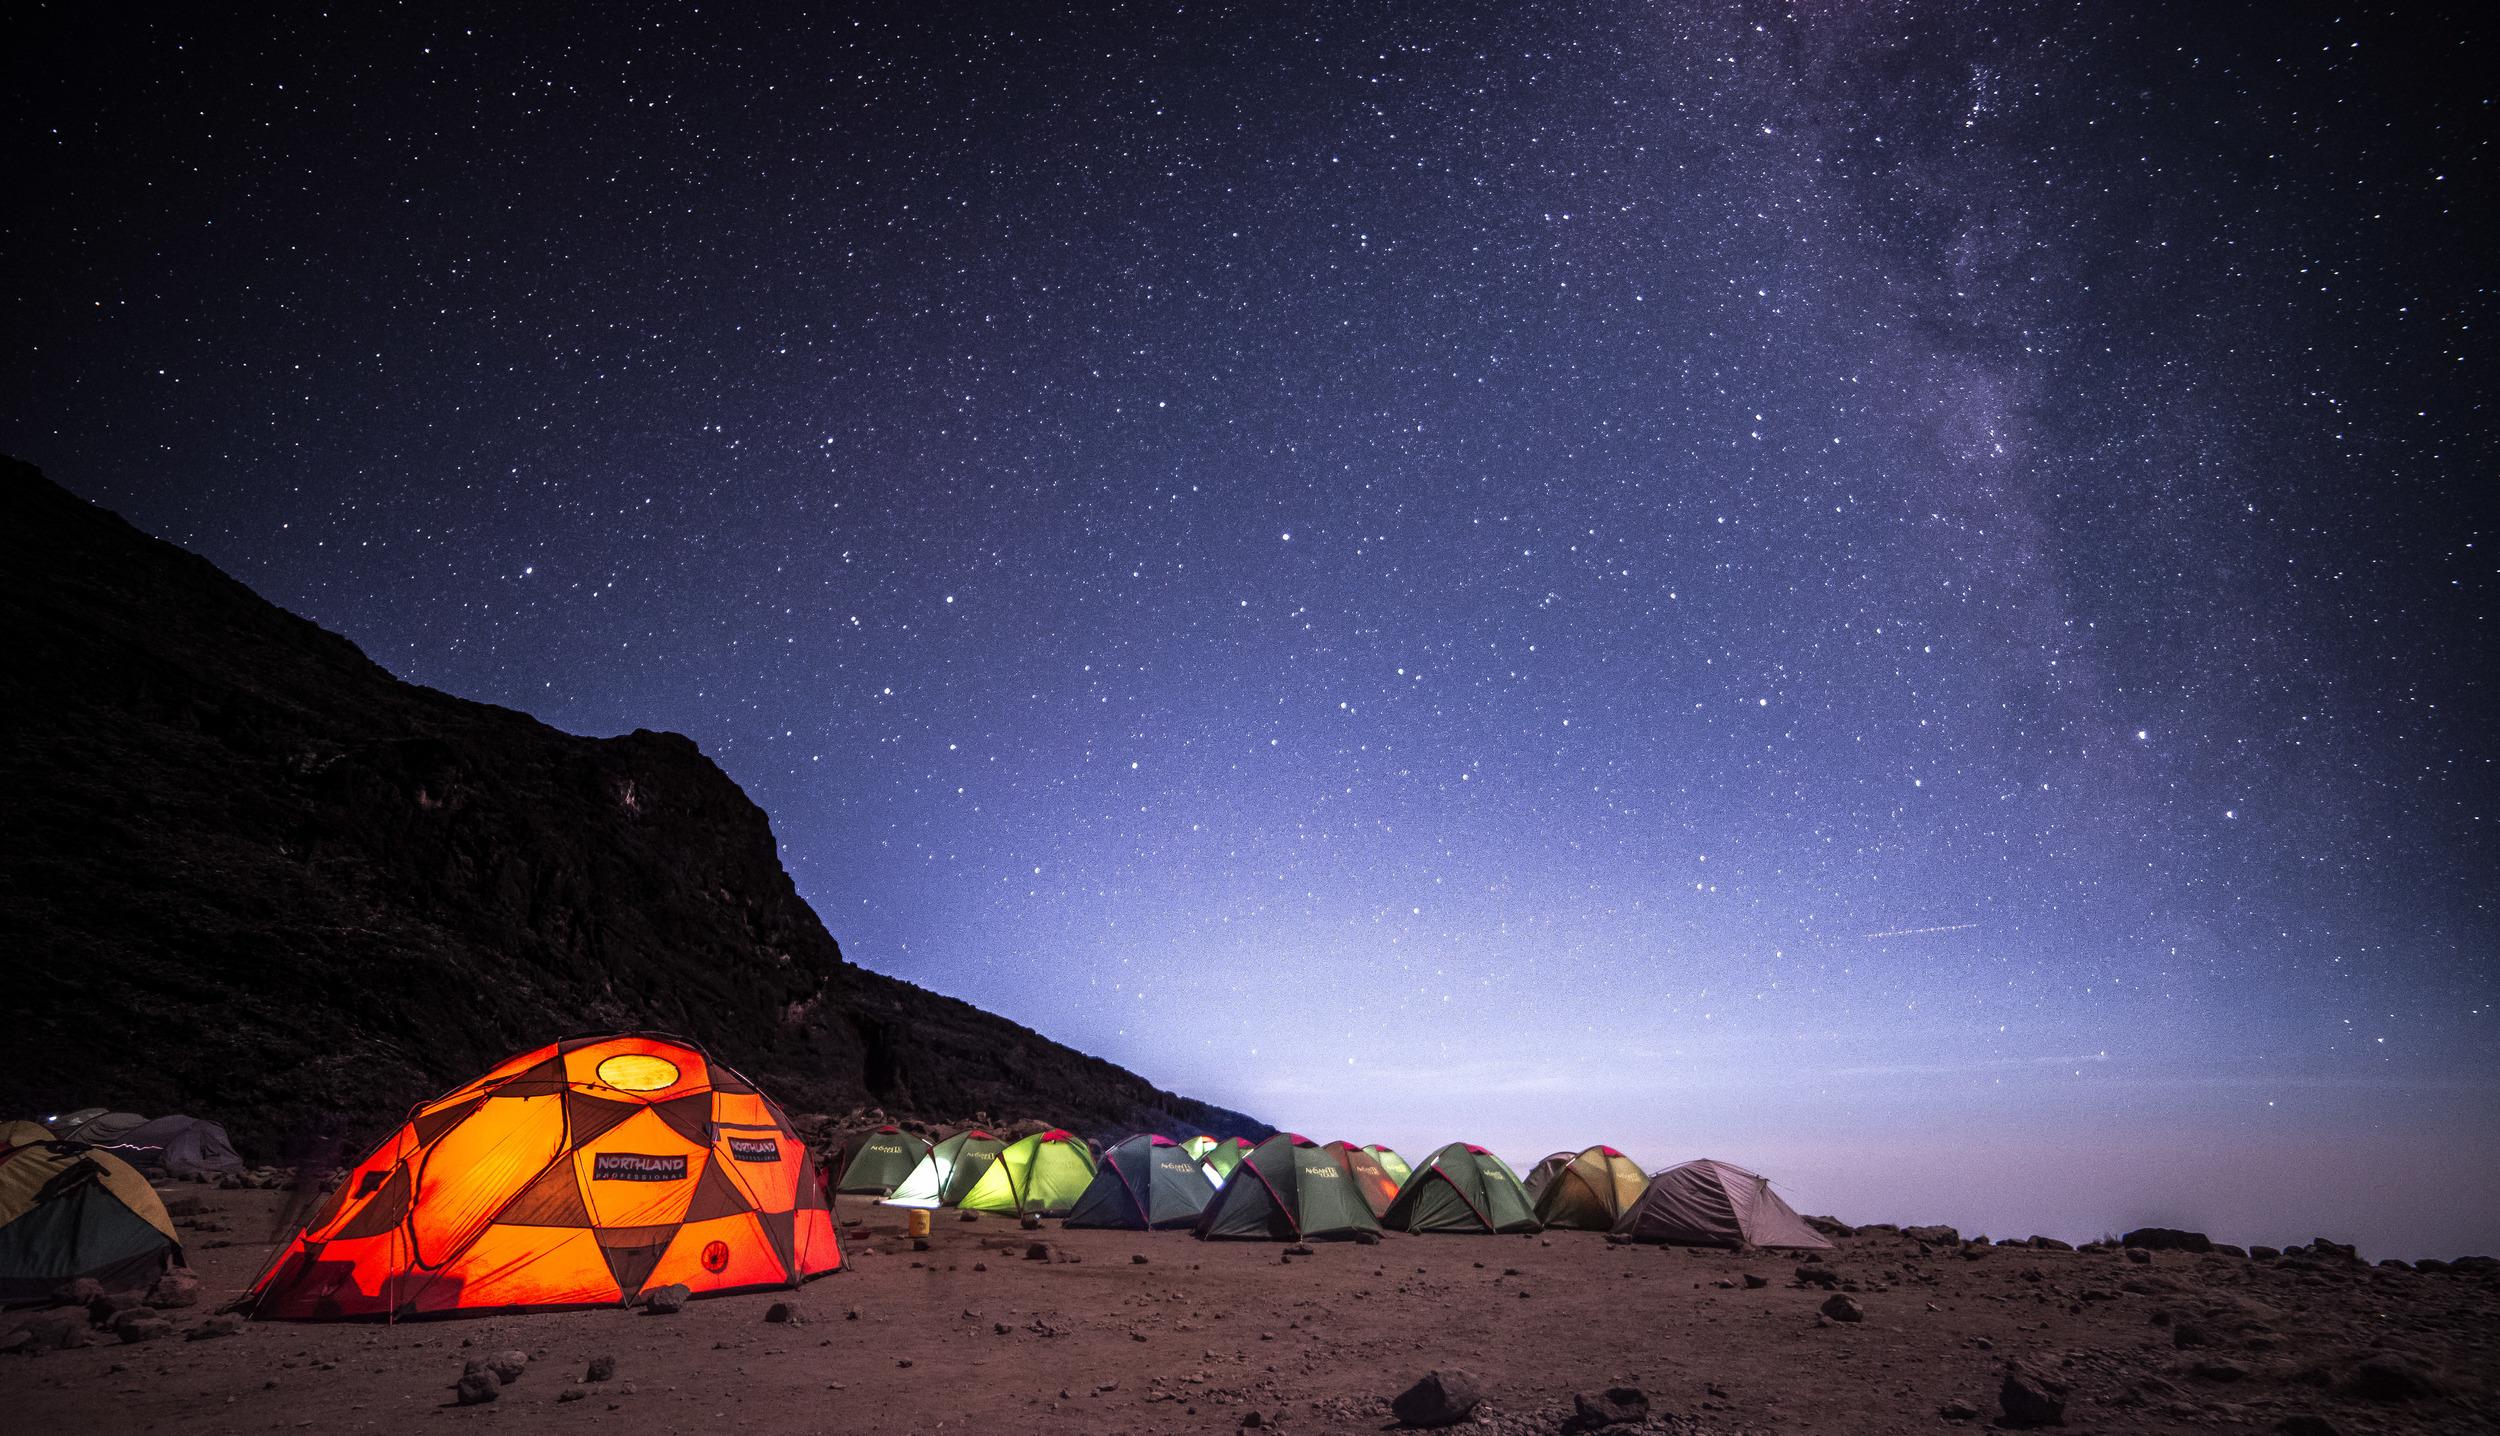 Barranco Camp,Mt. Kilimanjaro - Photo Credit: Abhimanyu